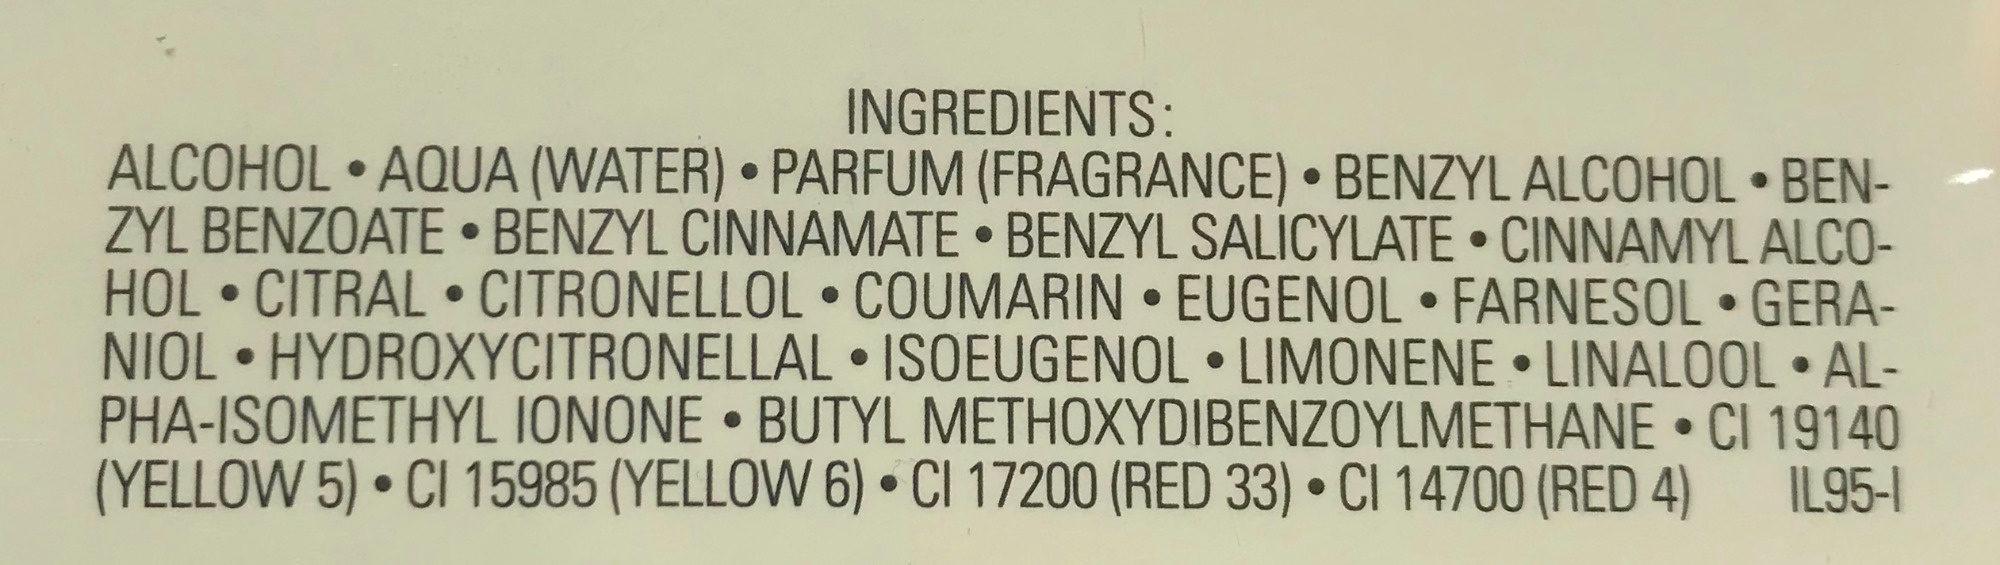 No. 5 Eau de parfum - Ingredients - fr